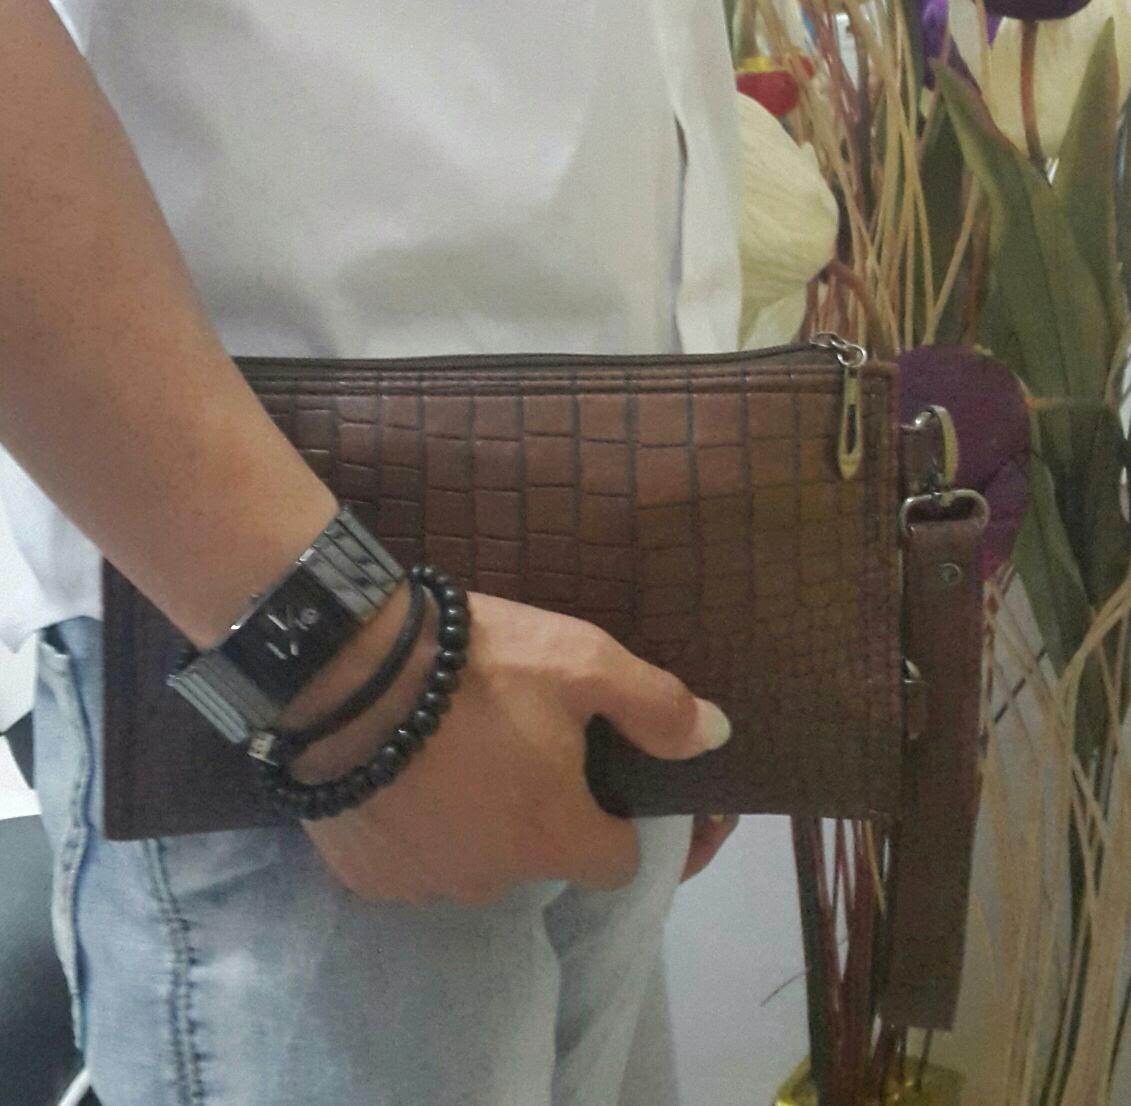 jual online dan gambr tas fashio Mini clutch bag motif croco bahan kulit asli